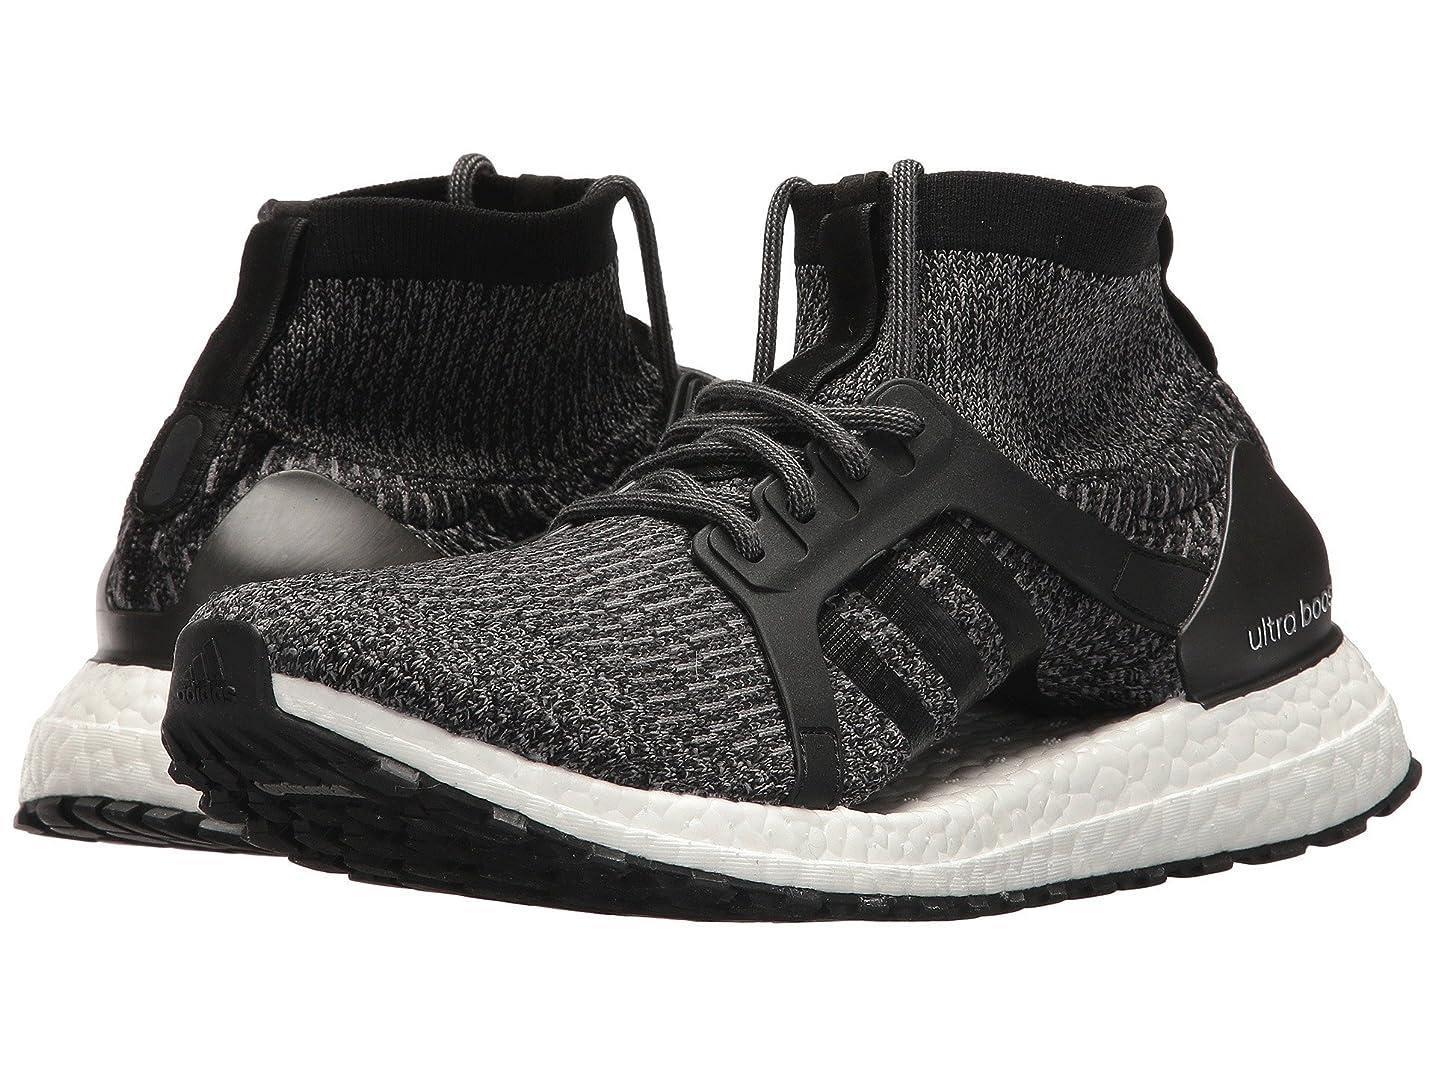 不測の事態危機良さ(アディダス) adidas レディースランニングシューズ?スニーカー?靴 UltraBOOST X All Terrain Core Black/Core Black/Utility Black 9 (26cm) B - Medium